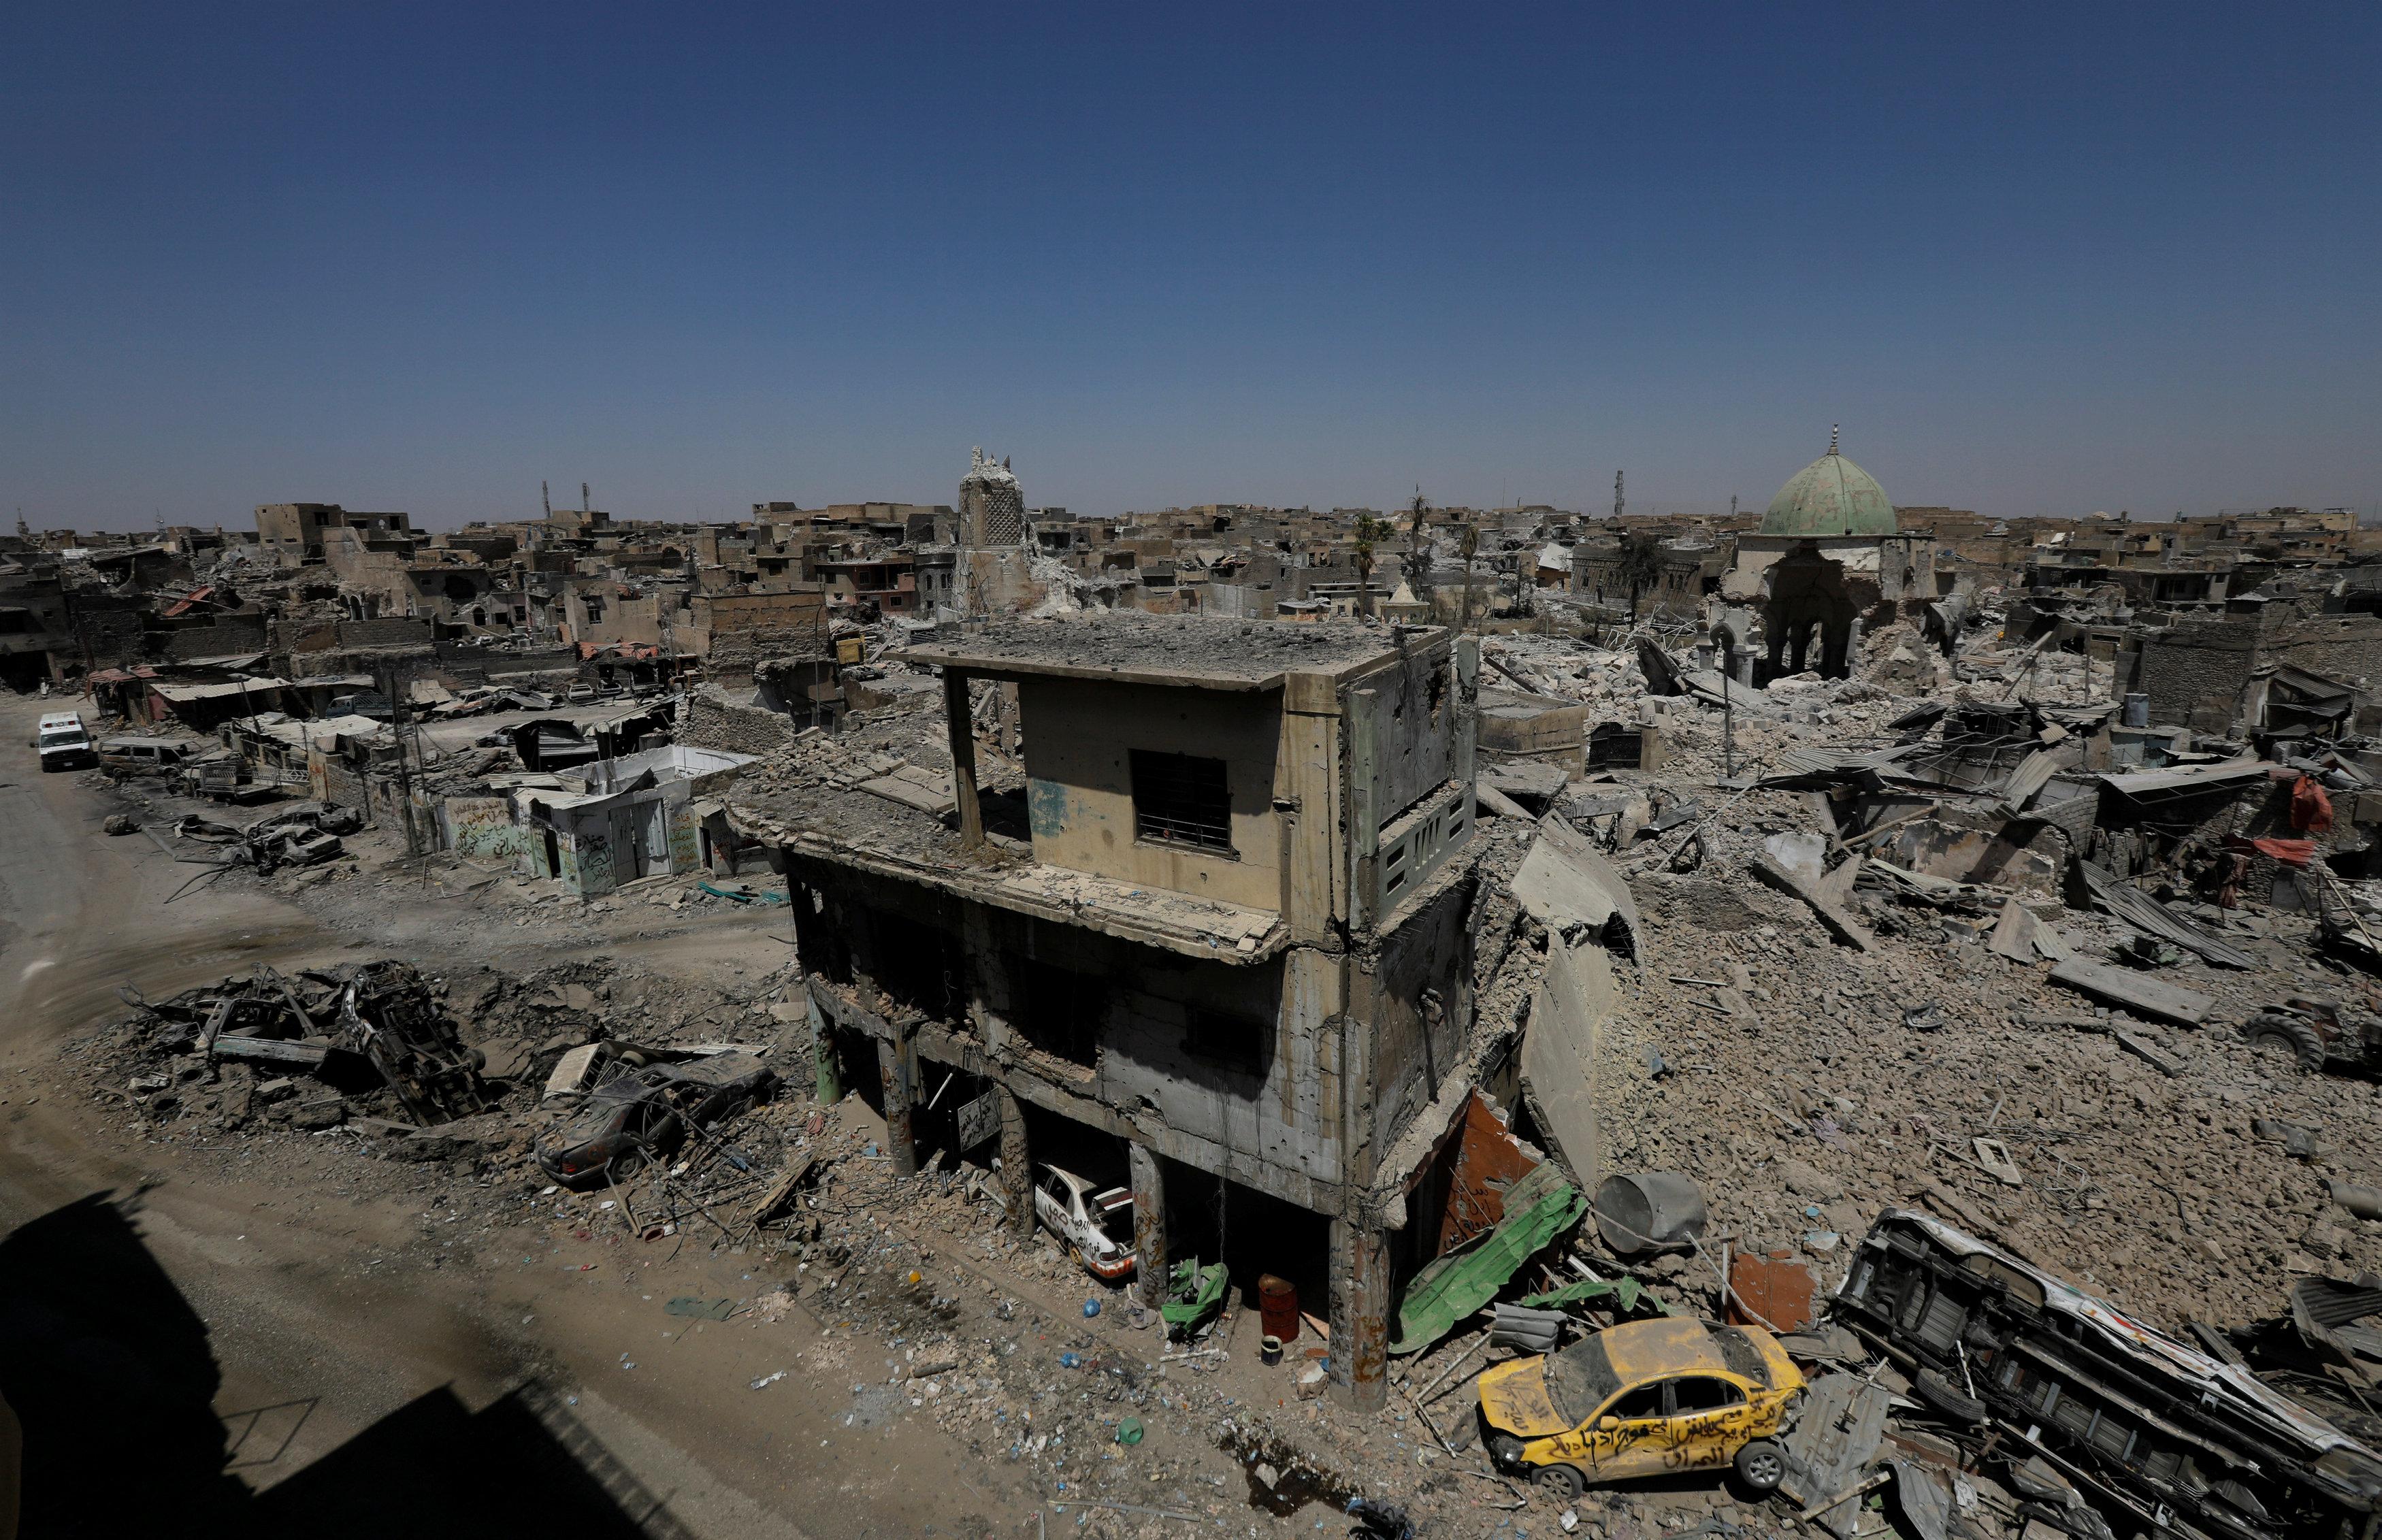 بالصور.. عراقيون يعيشون على أطلال مدينة الموصل القديمة - اليوم السابع